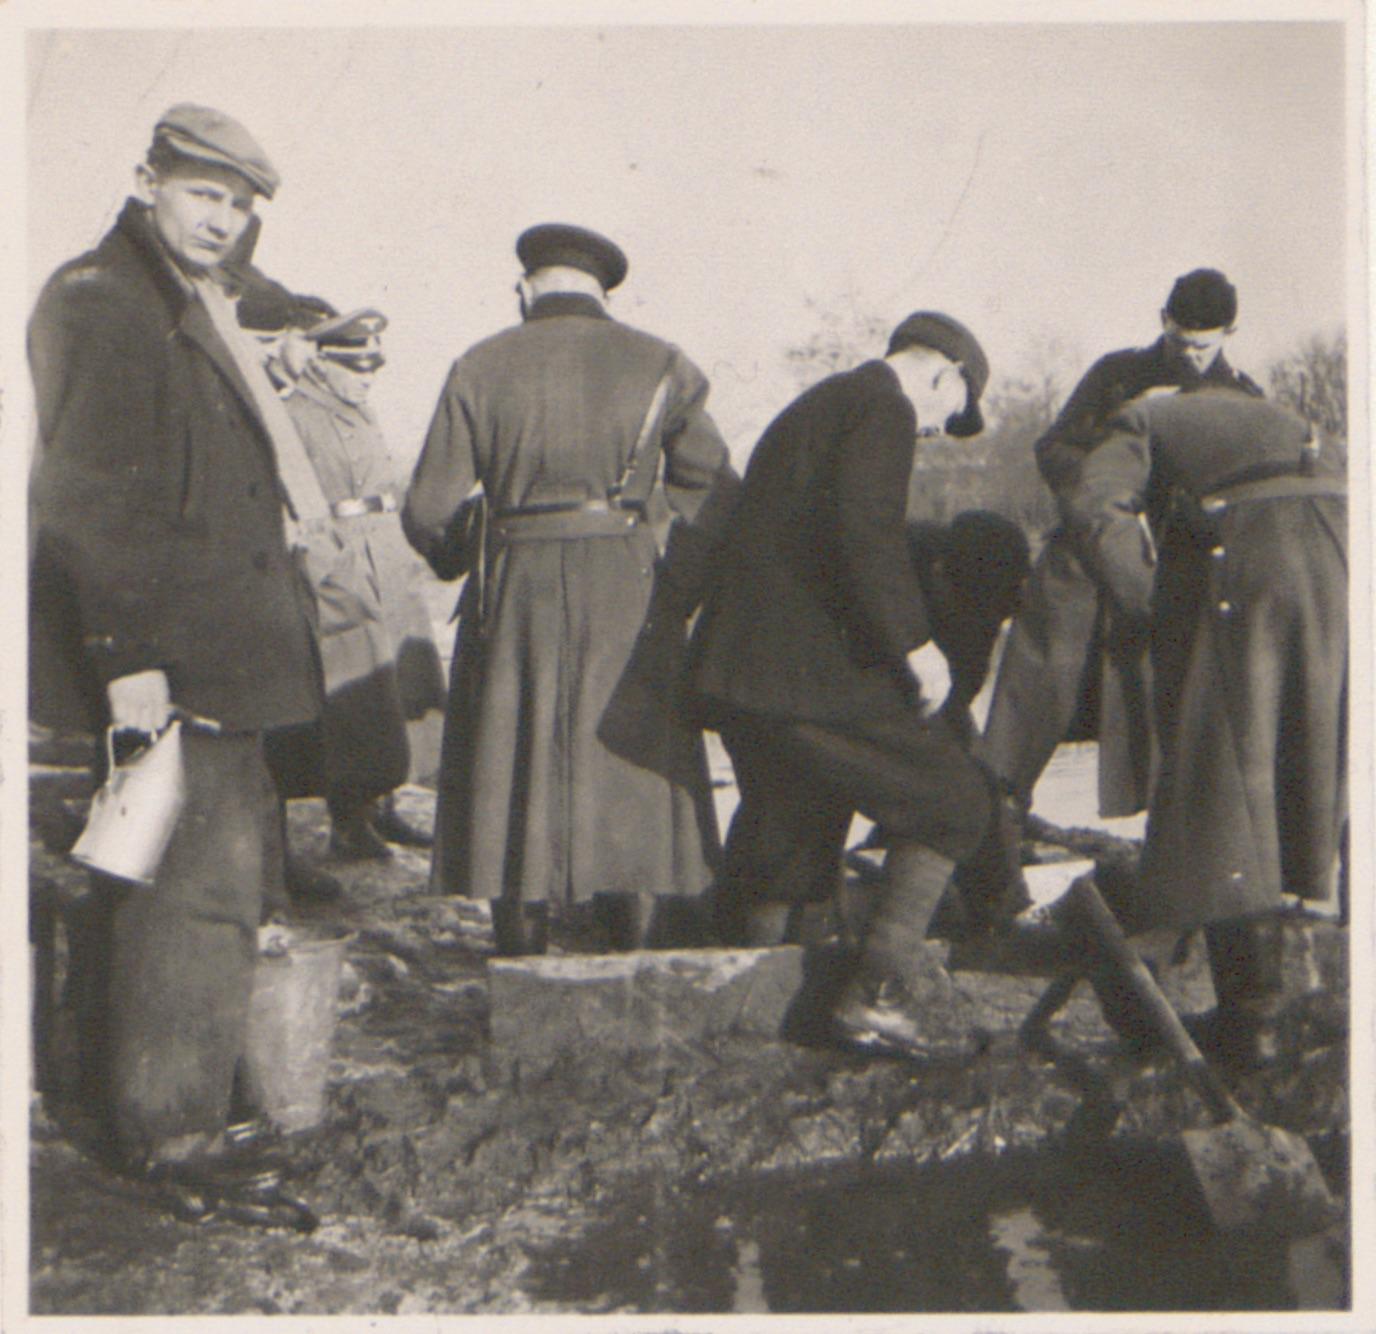 Odwadnianie obozu wiosną 1940 roku przez straż pożarną w Lager Glowna. Ze zbiorów Instytutu Zachodniego im. Zygmunta Wojciechowskiego w Poznaniu.